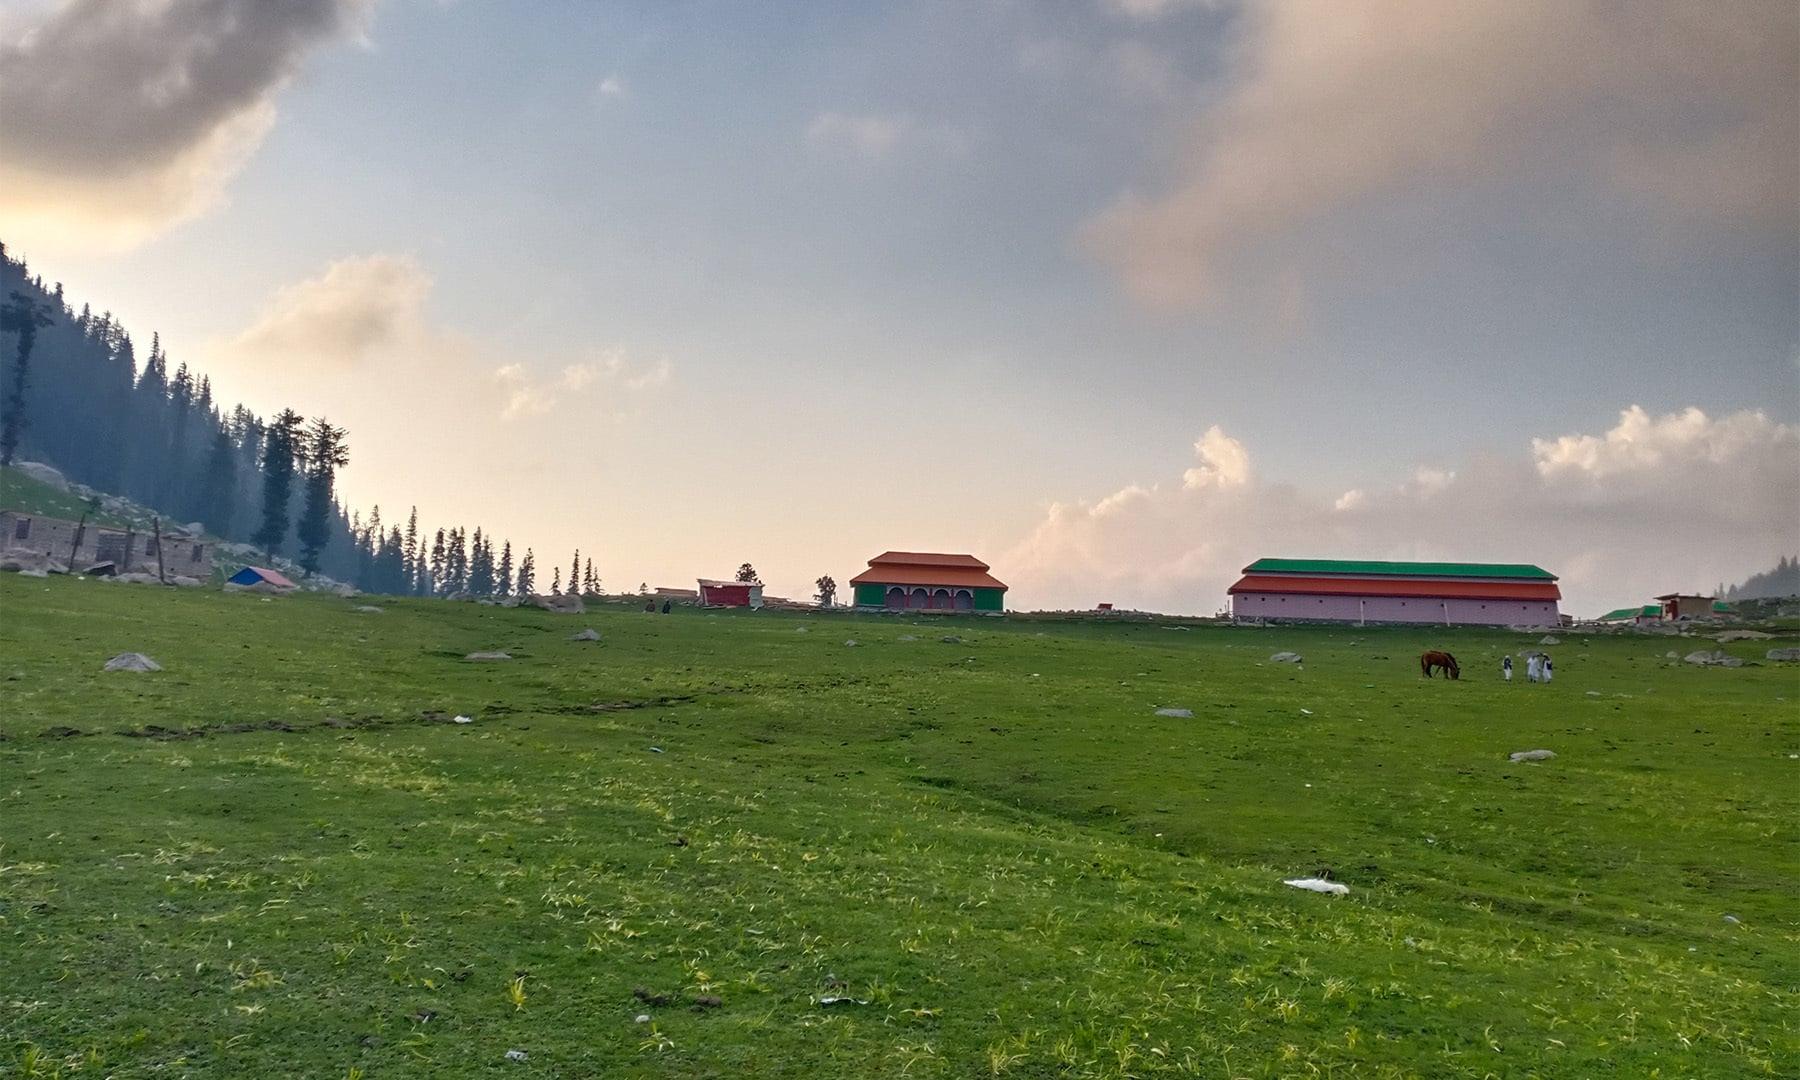 ڈھلتی شام کا منظر — تصویر: عظمت اکبر